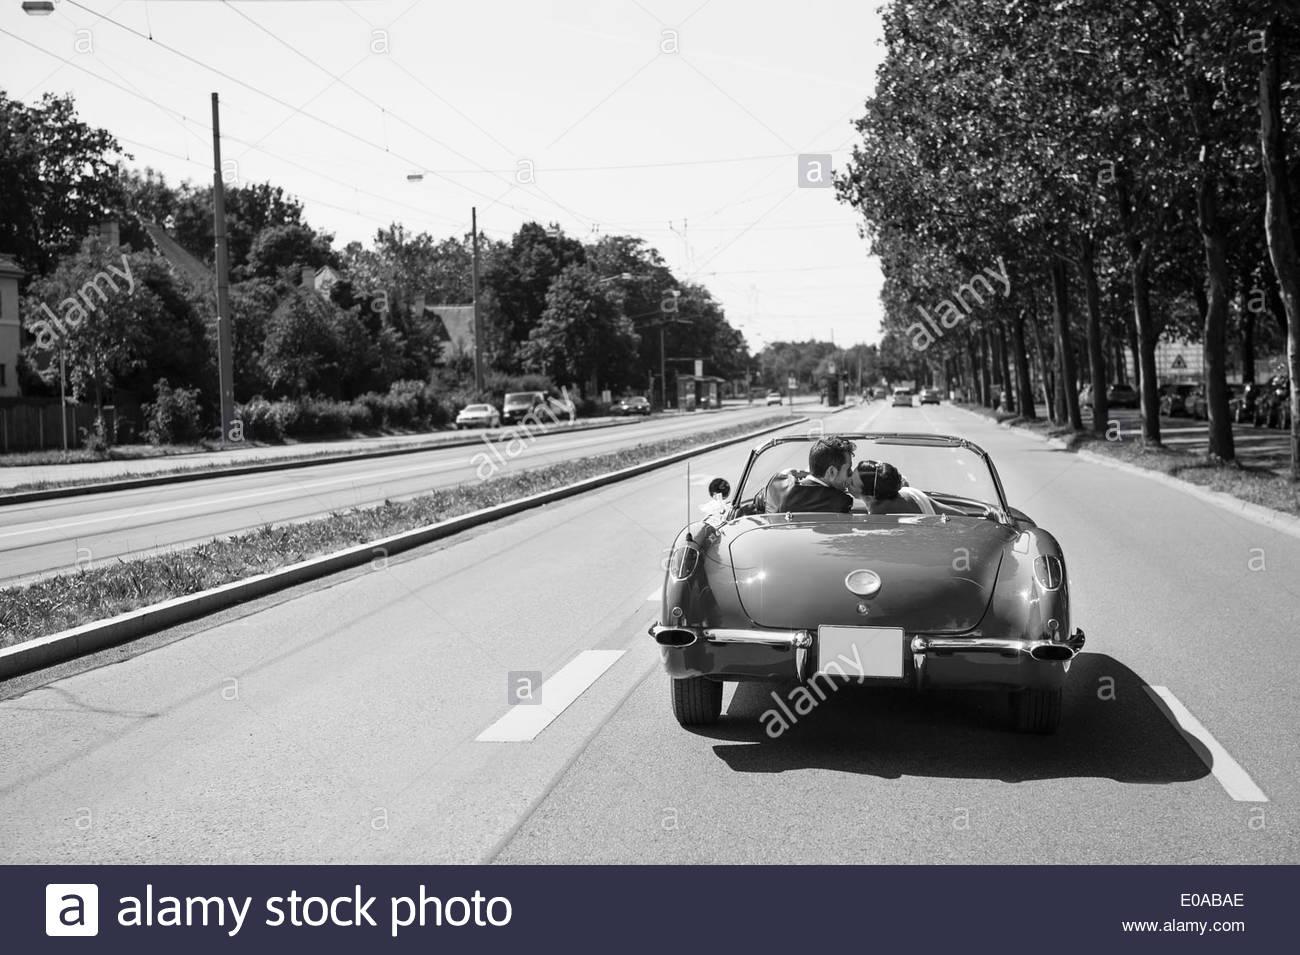 B&W imagen sólo de pareja besándose en coche por la autopista Imagen De Stock